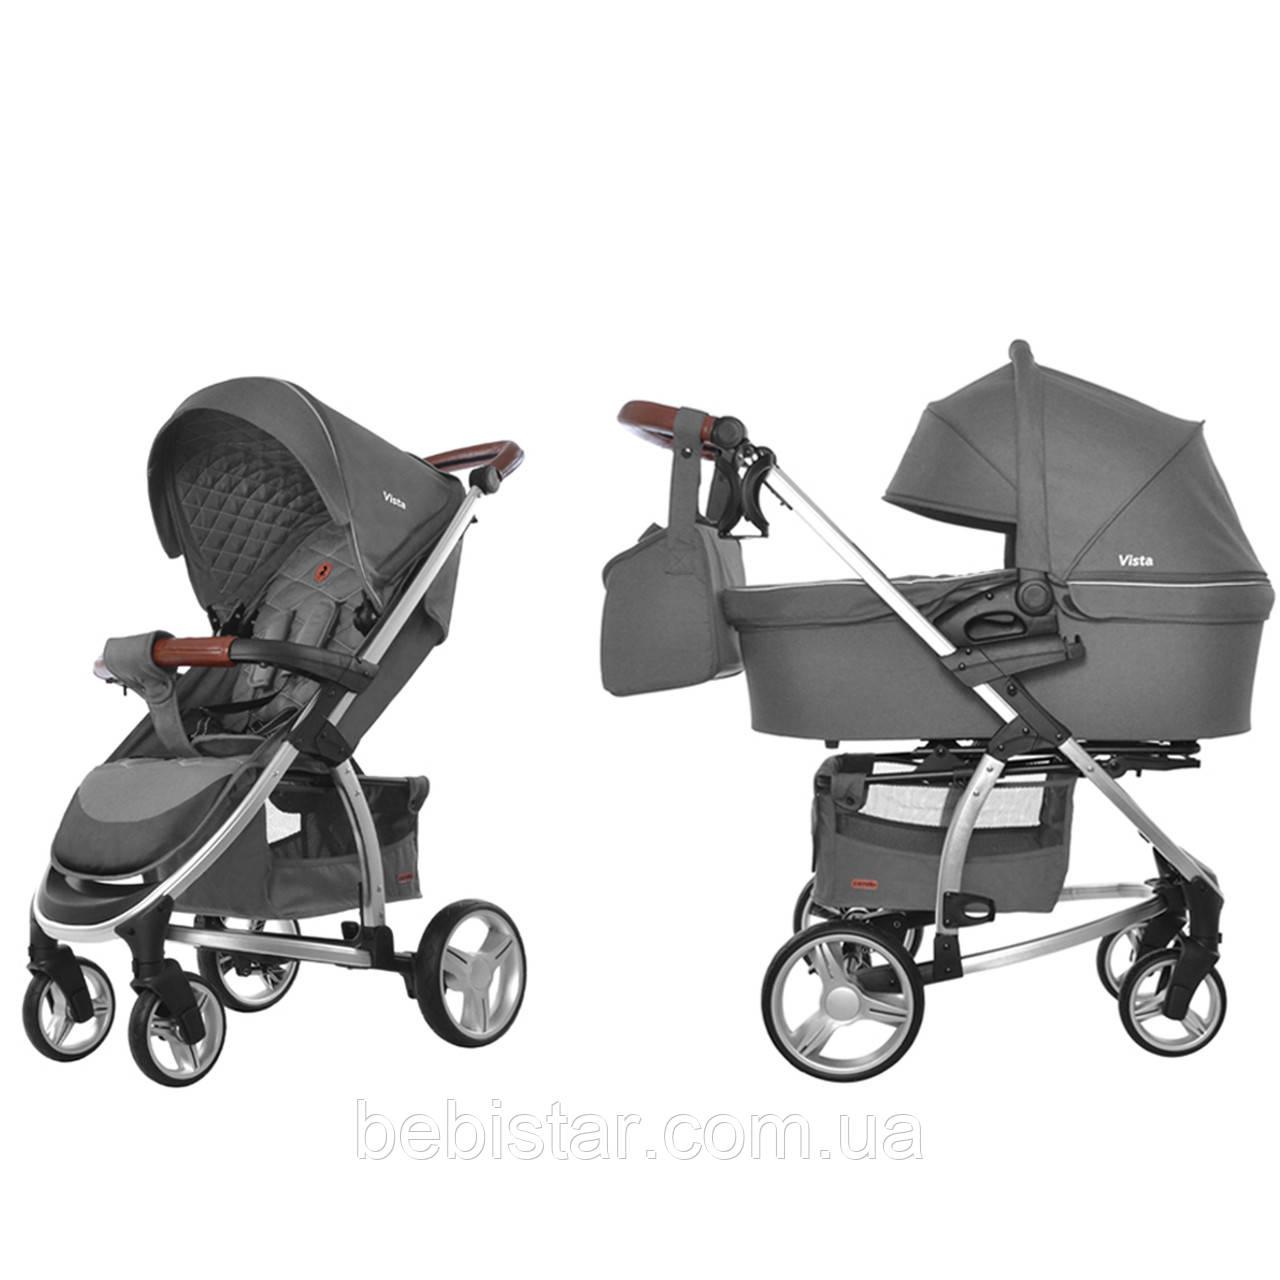 Универсальная детская коляска темно-серая Carrellо Vista 2 в 1 люлька чехол на ножки матрасик сумка дождевик